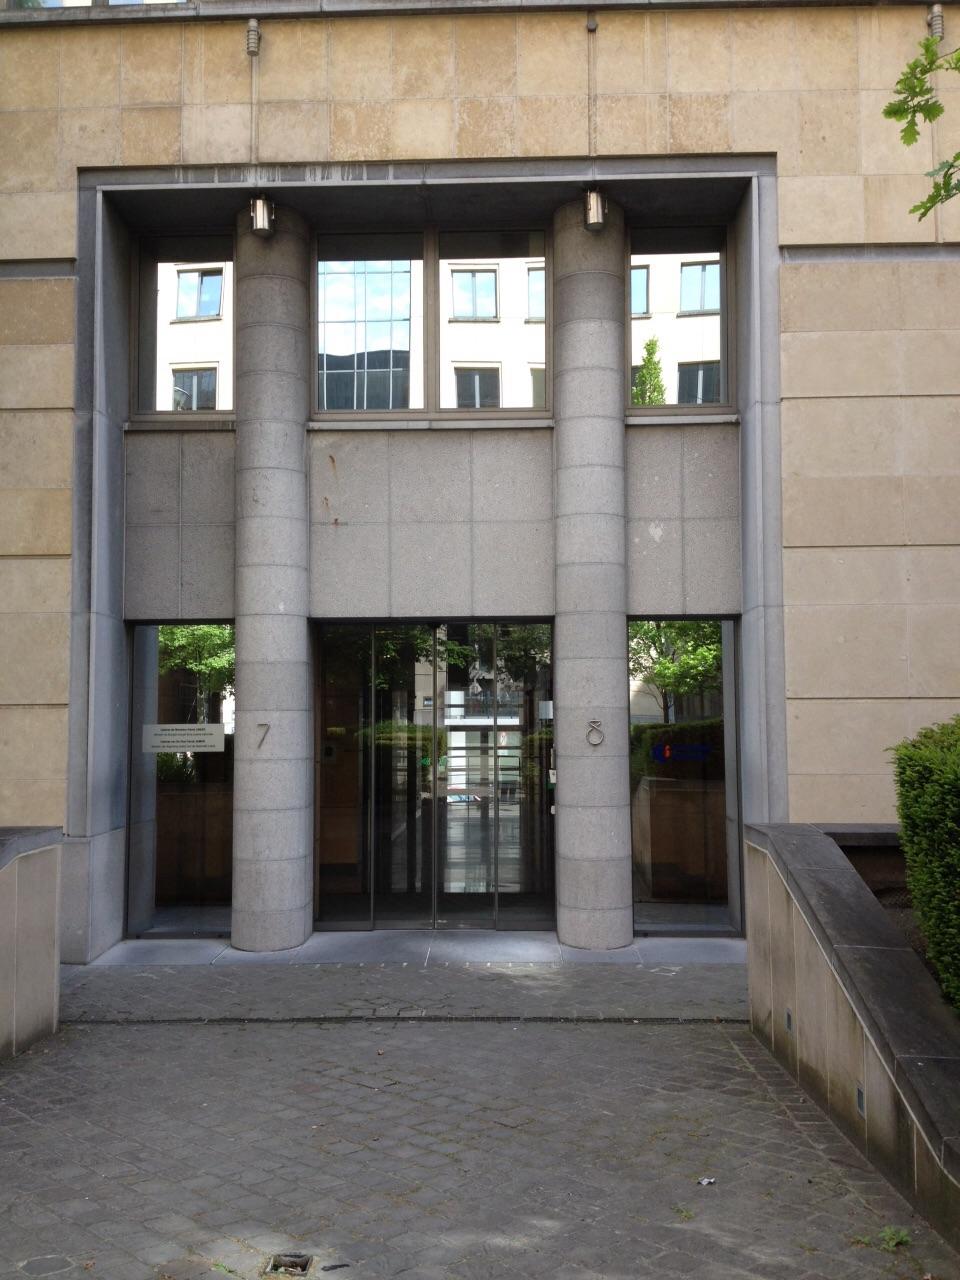 La cci france belgique cci fb chambre de commerce - Chambre de commerce france ...